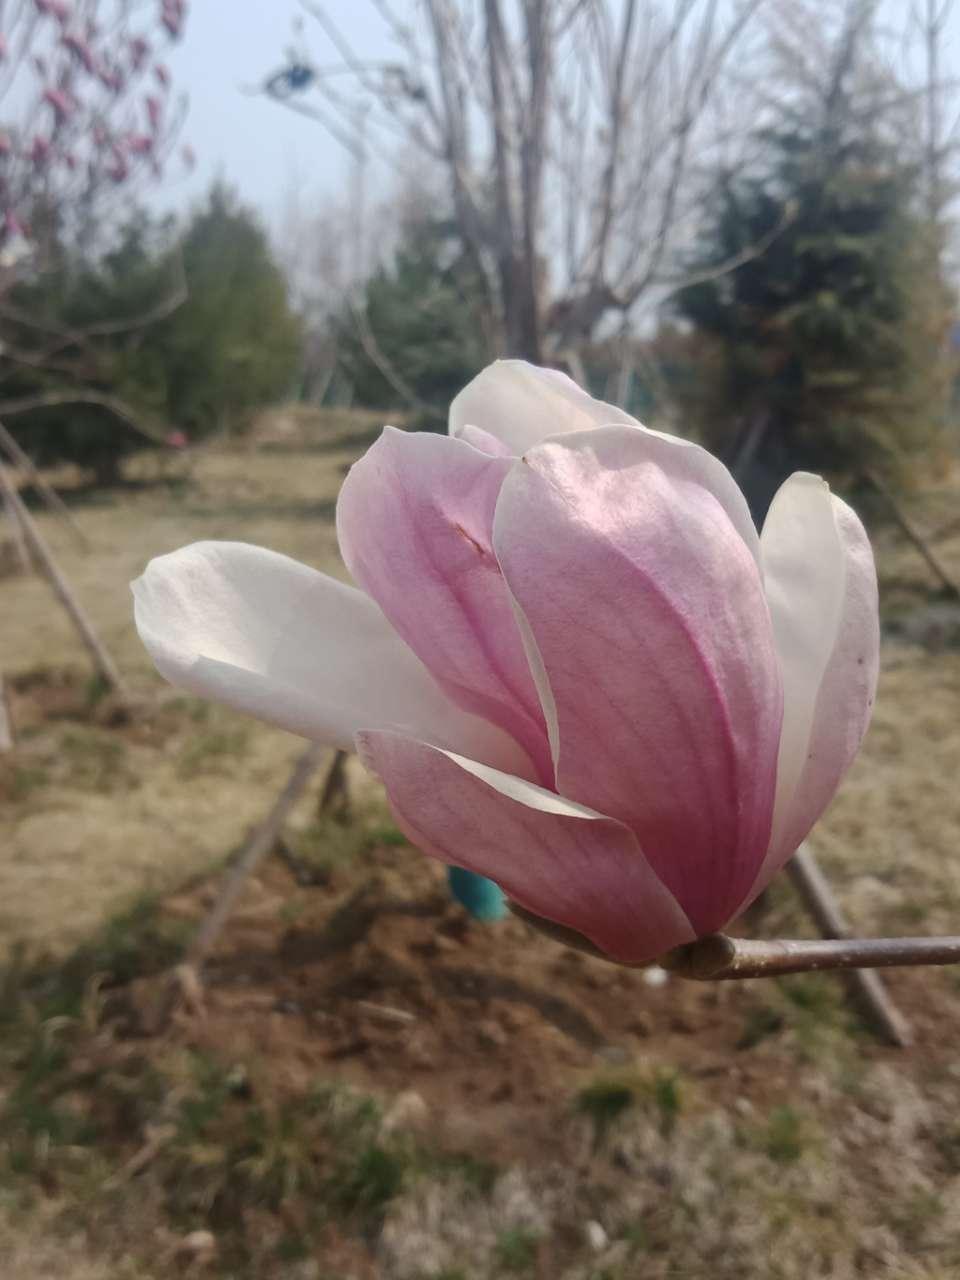 白玉兰花,紫玉兰花,好像会动-15.jpg